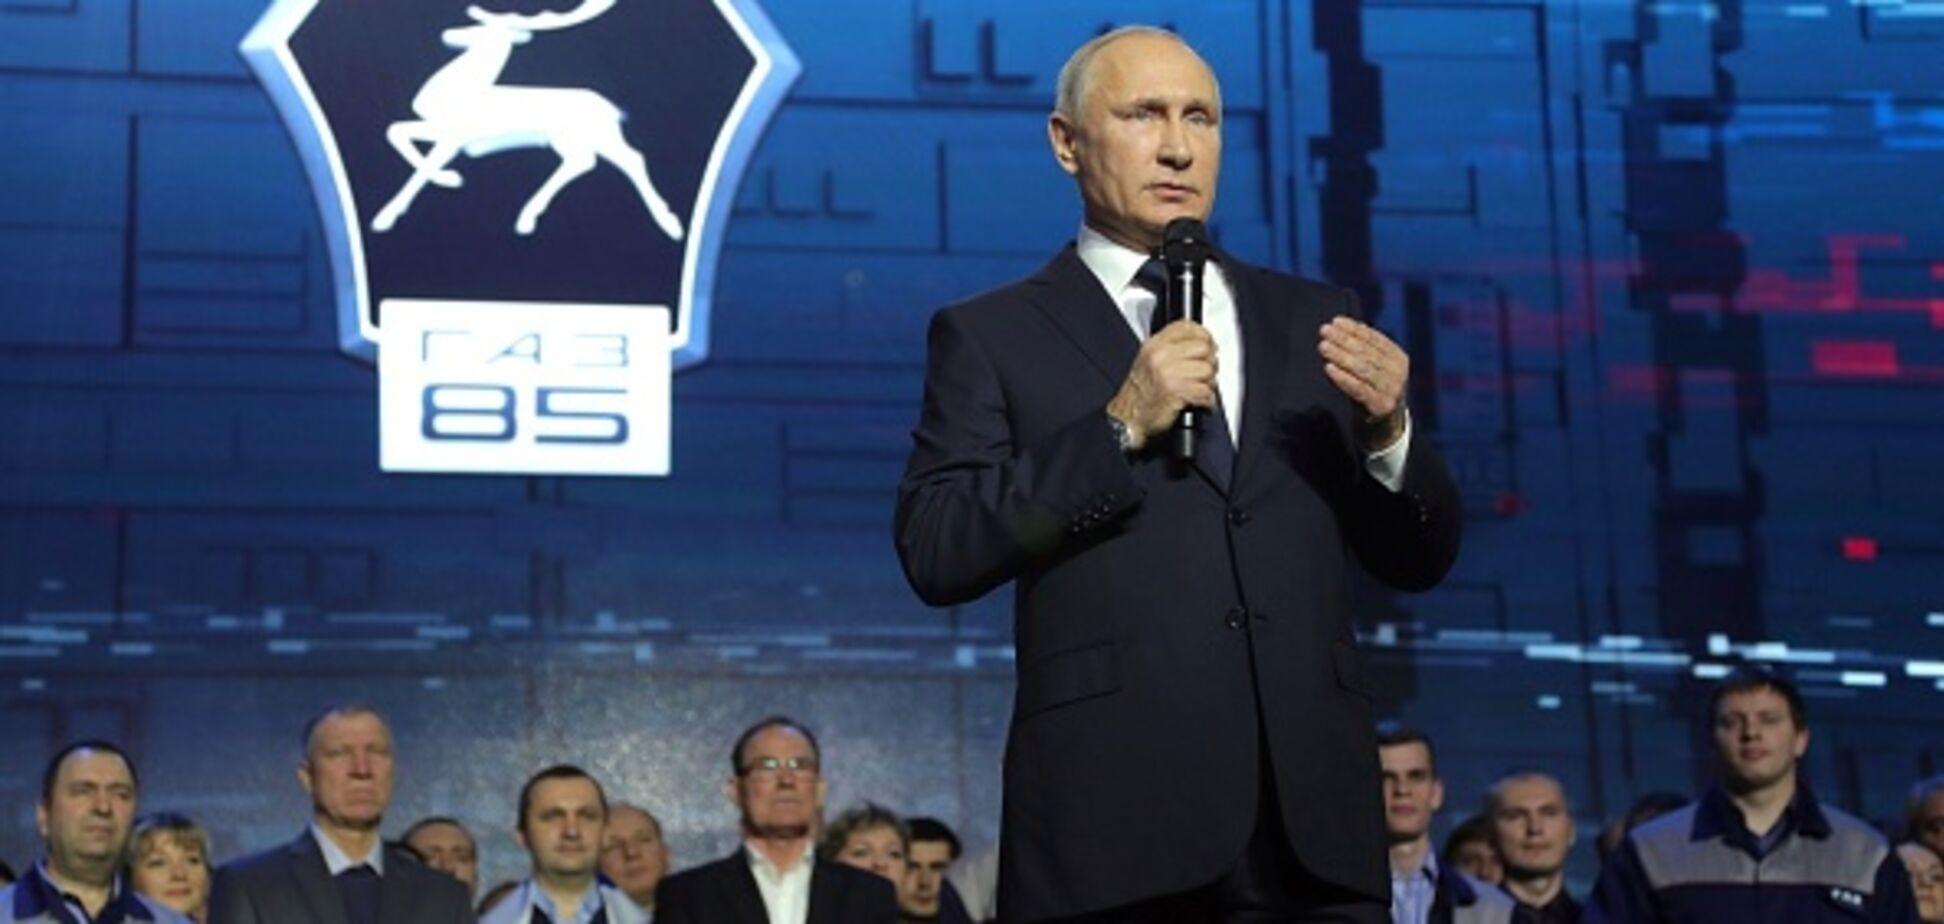 'Путин в гробу': известный карикатурист высмеял выдвижение президента России